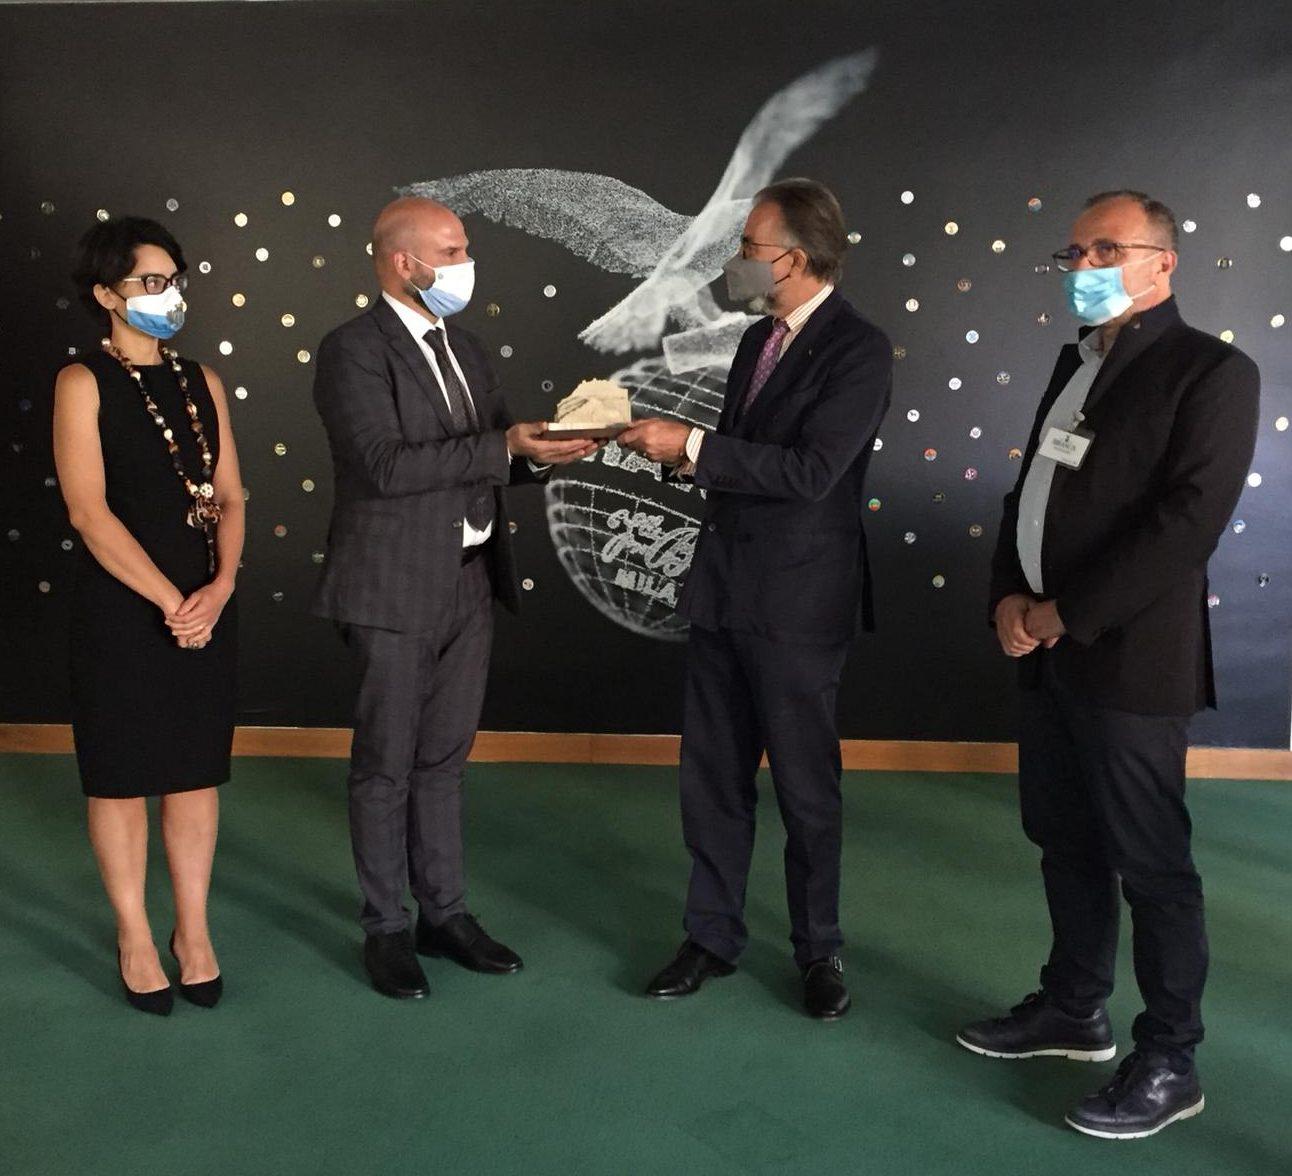 Visita in Branca di una delegazione della Repubblica di San Marino